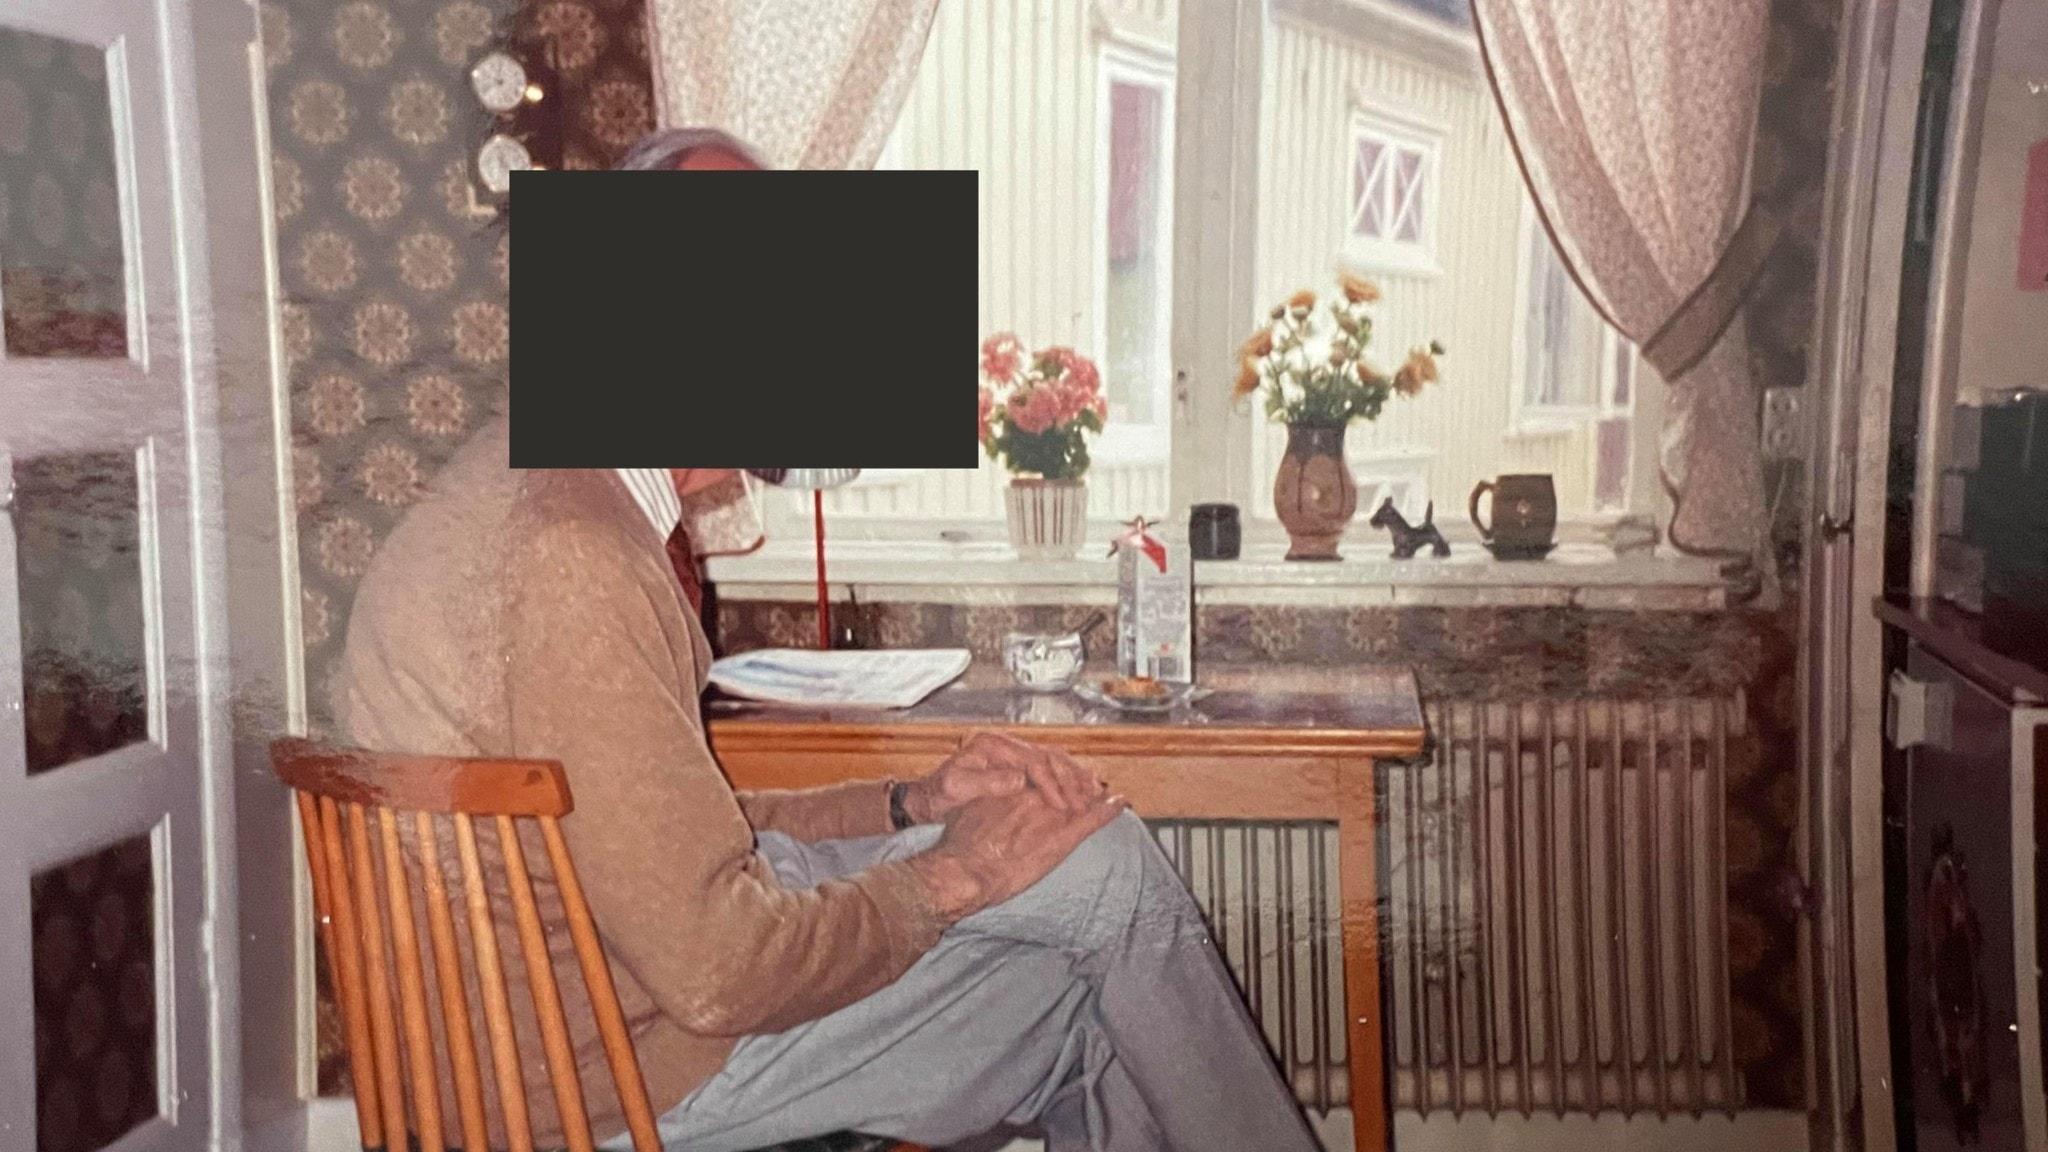 En äldre man sitter vid ett köksbord med ett mjölkpaket och en tidning framför sig. Ögonen är maskade.